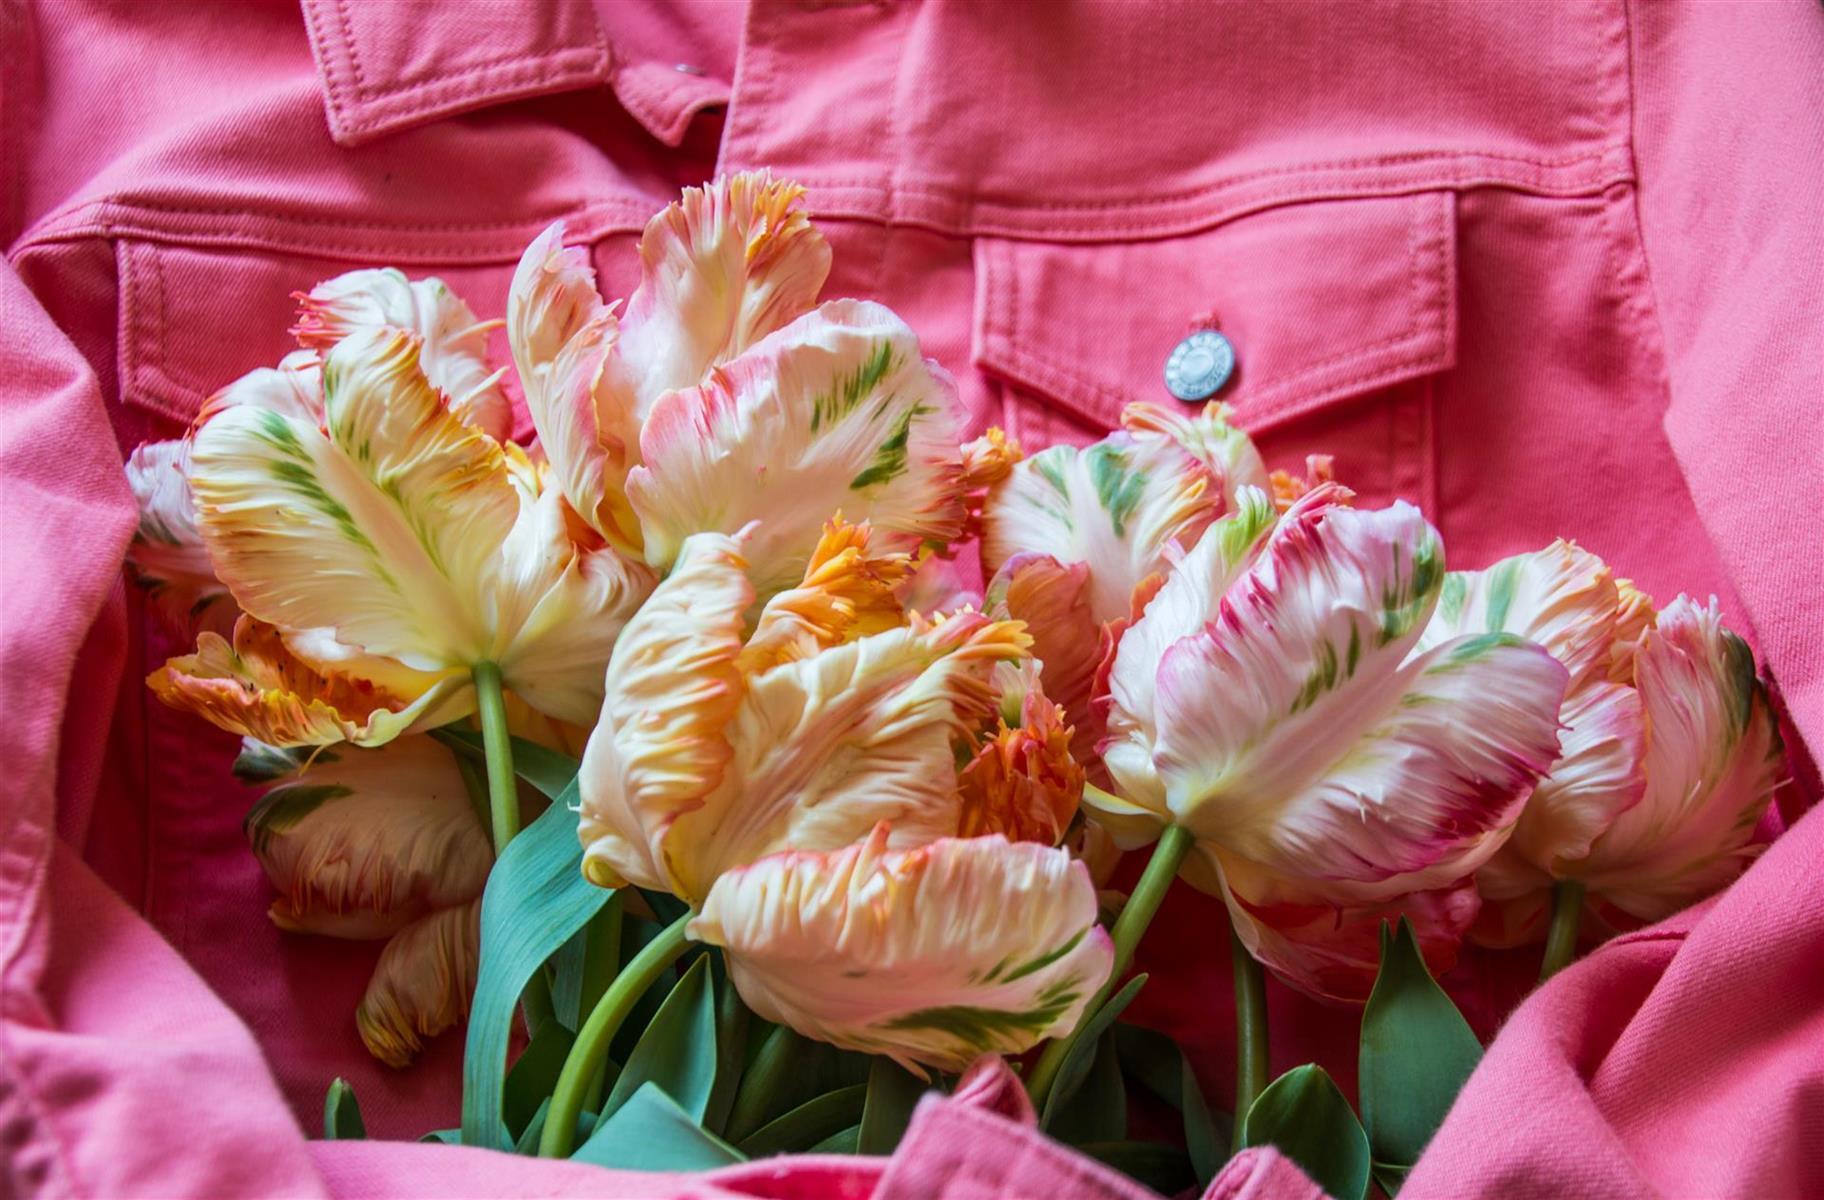 Armful of Tulips